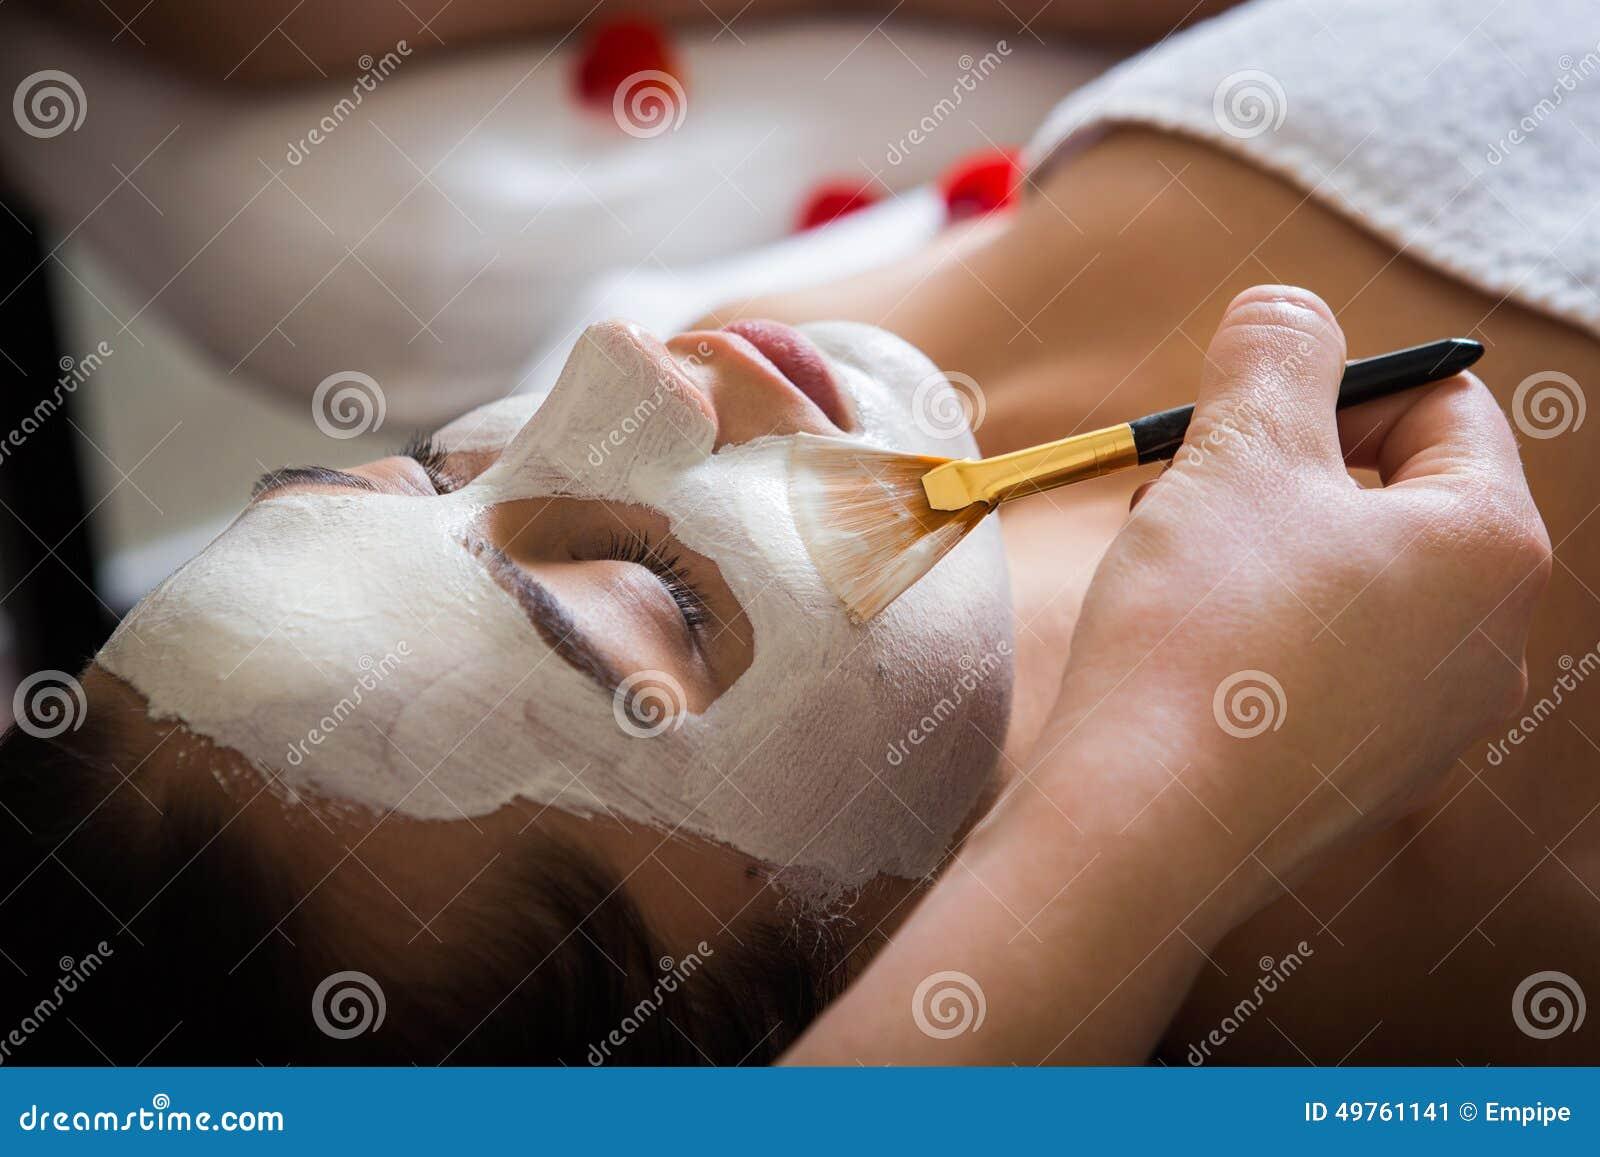 Spa salon stock photo image 49761141 for Salon spa 2